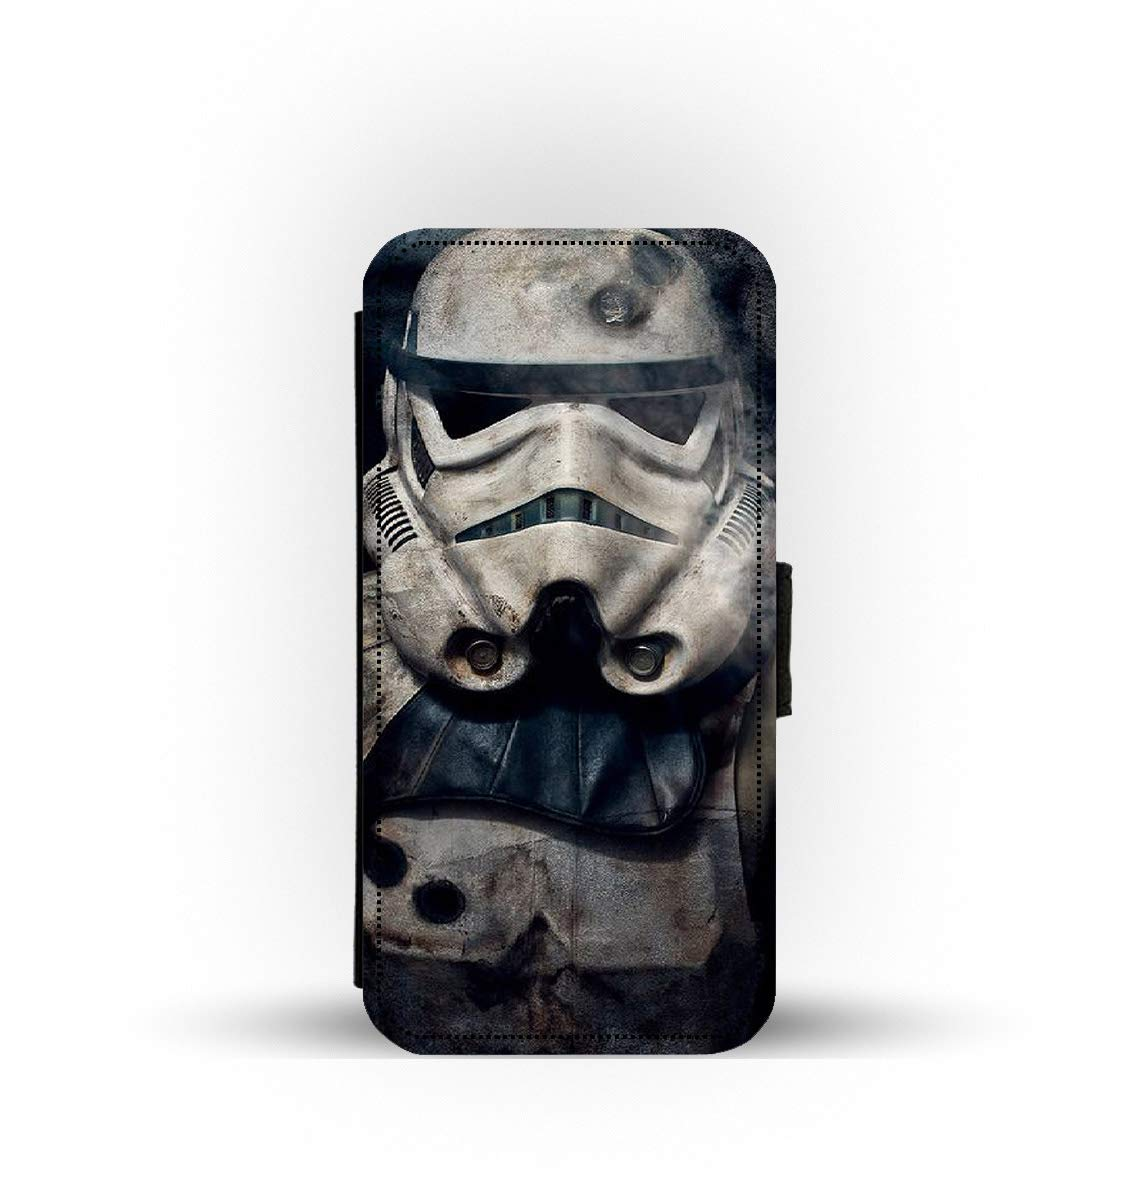 Funda con Tapa para iPhone Dreams Ltd Soldier Storm Trooper